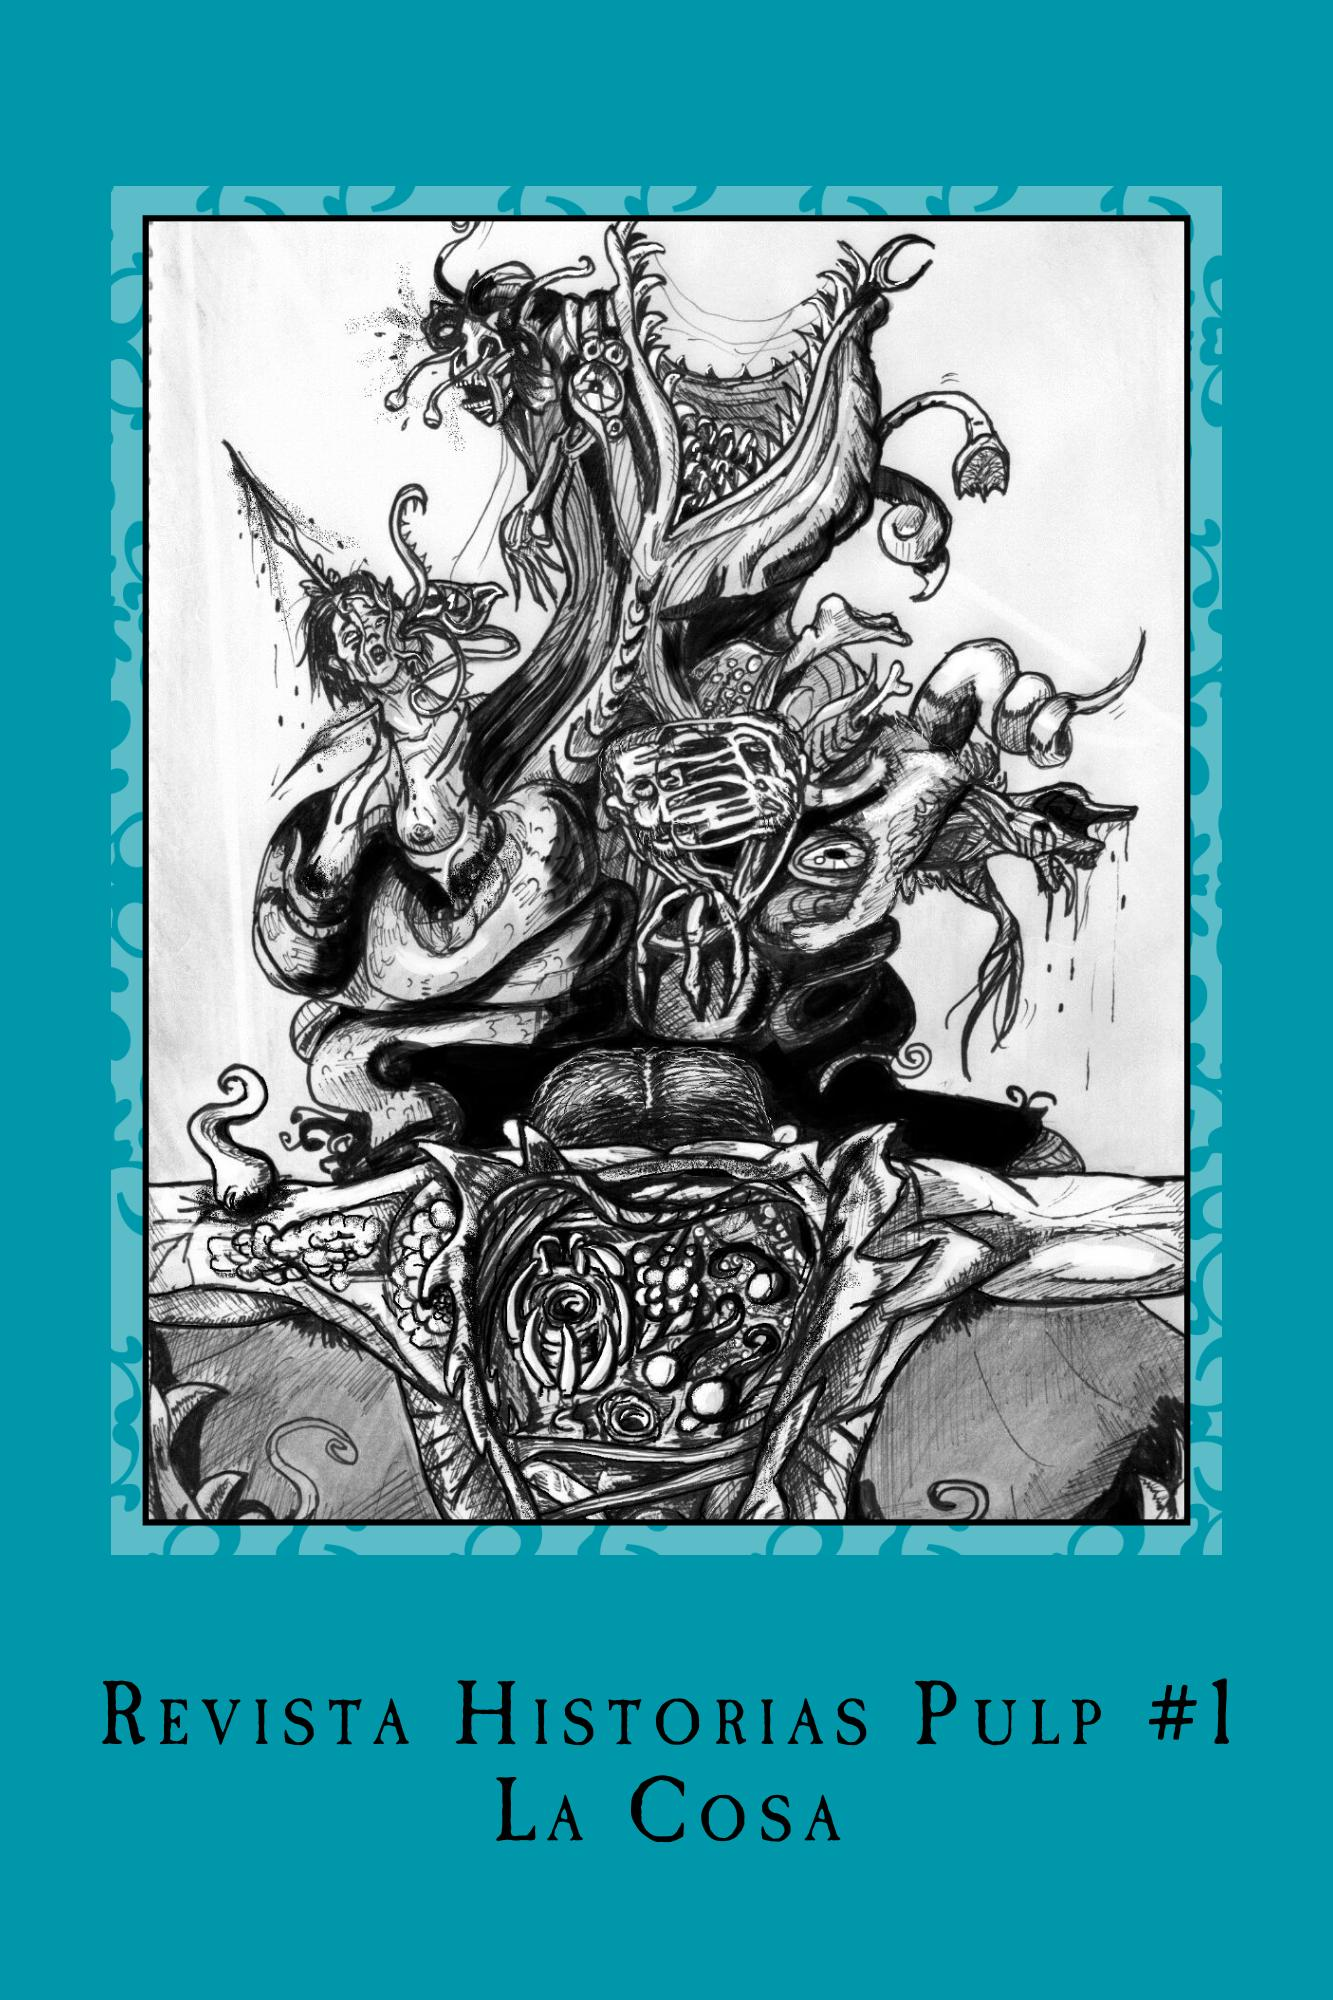 Revista Historias Pulp #1 La Cosa – Lectura completa – Historias Pulp